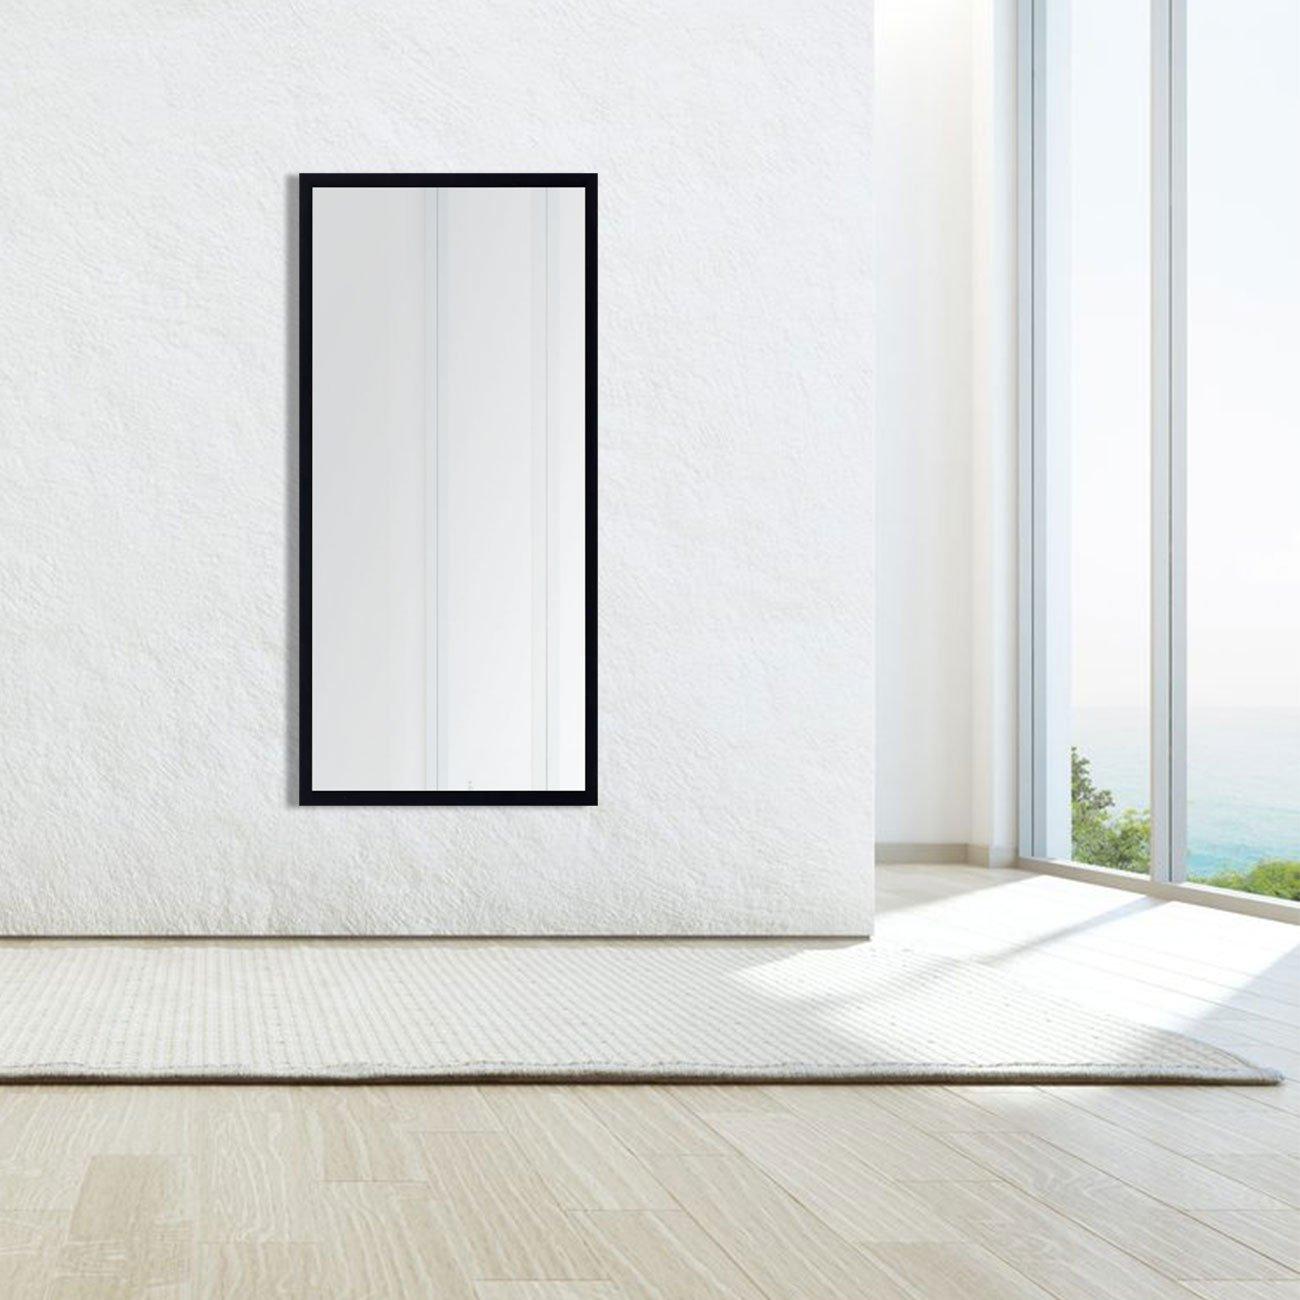 Espelho Moderno Decorativo com Moldura Preta sem Bisotê 60x130cm